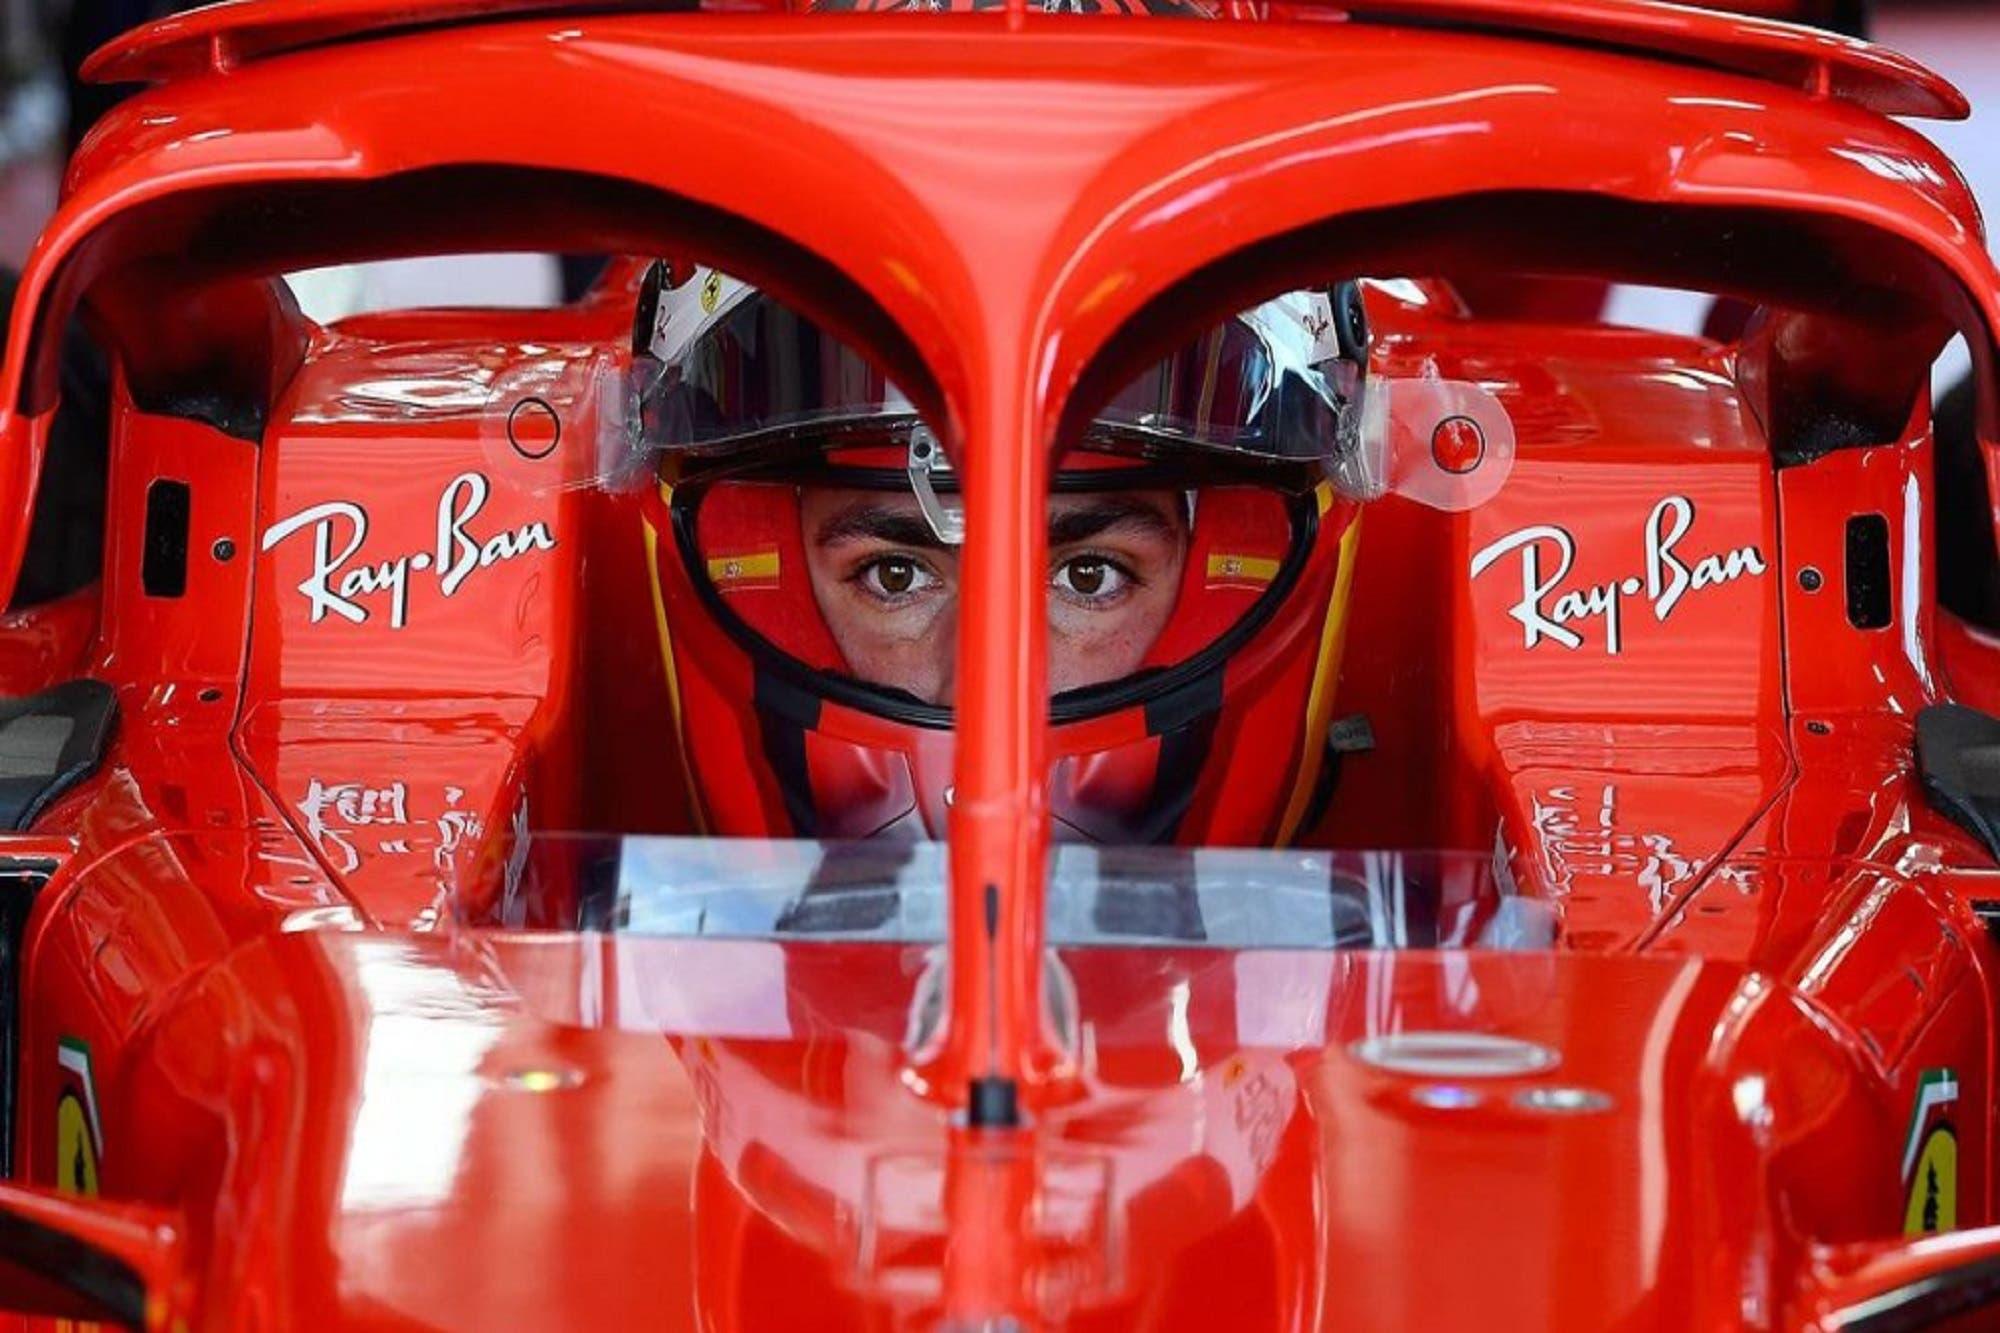 Fórmula 1. Carlos Sainz Jr. realizó las primeras pruebas en la escudería Ferrari